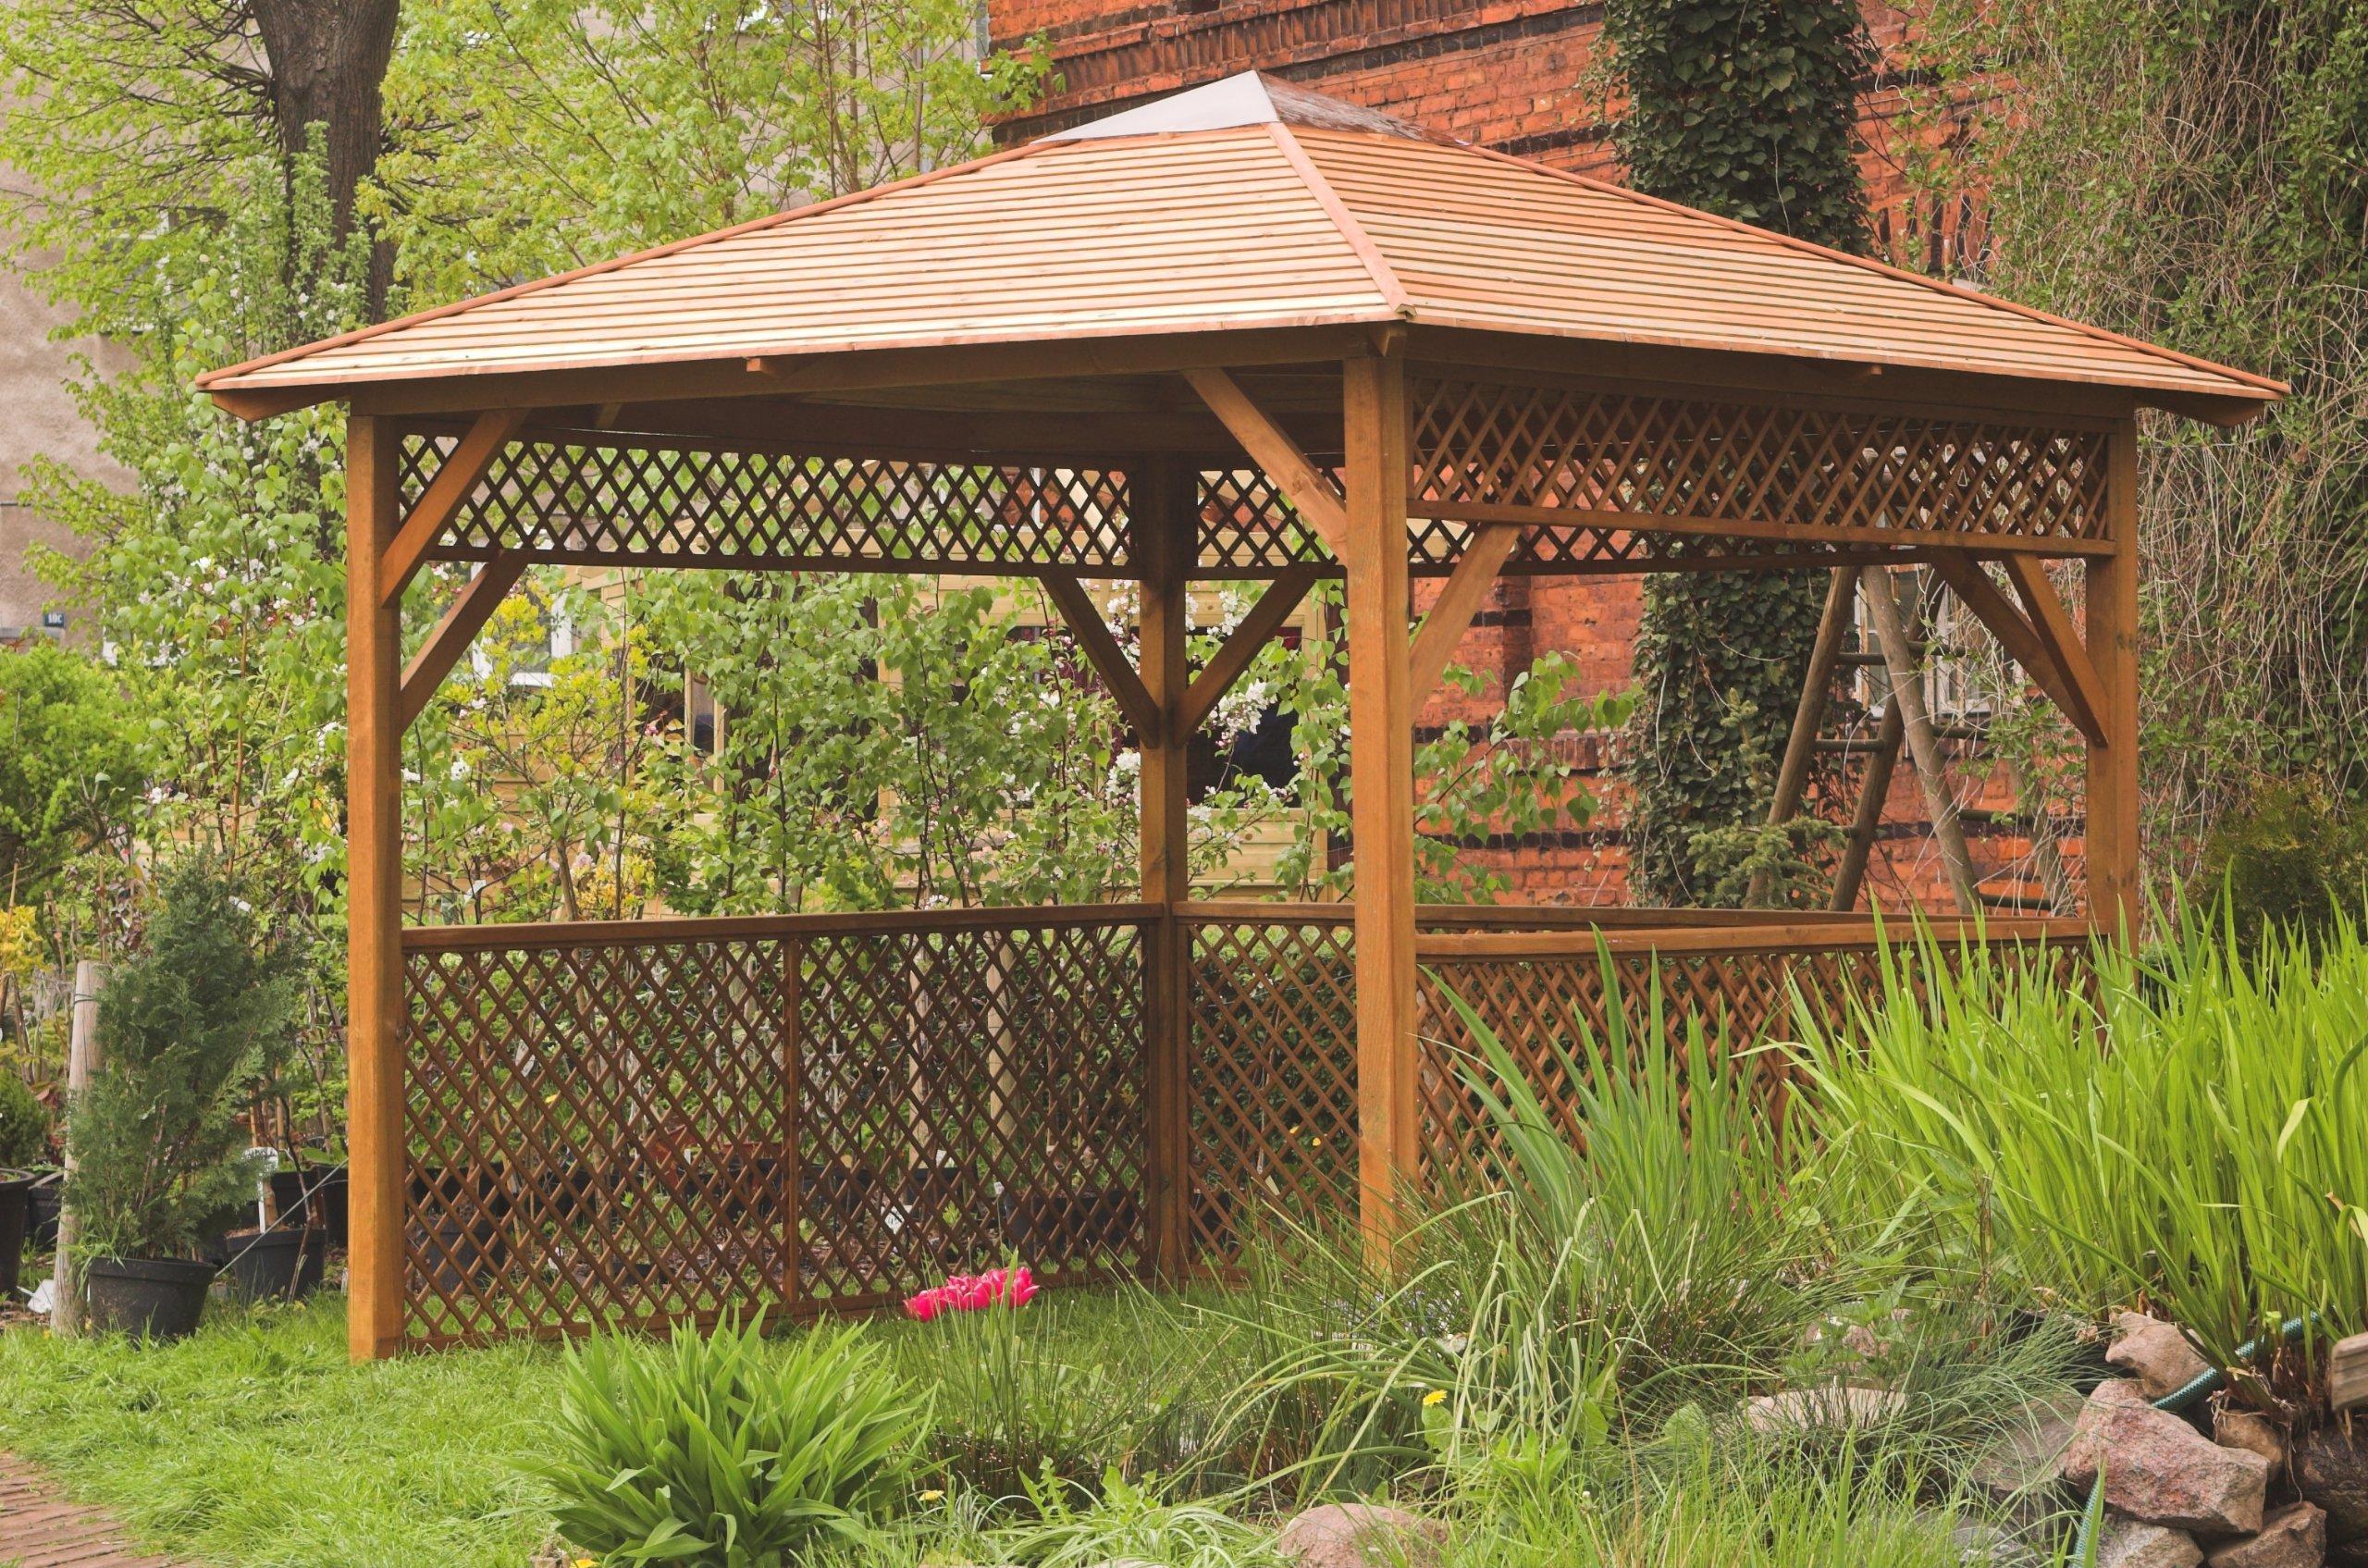 Jardín Verde - Quiosco Rectangular con Techo de Tejas Asfálticas. Lados Enrejados - Ideal para Jacuzzi. Dimensiones: h2, 95m x 2, 52m x 2, 52m: Amazon.es: Jardín